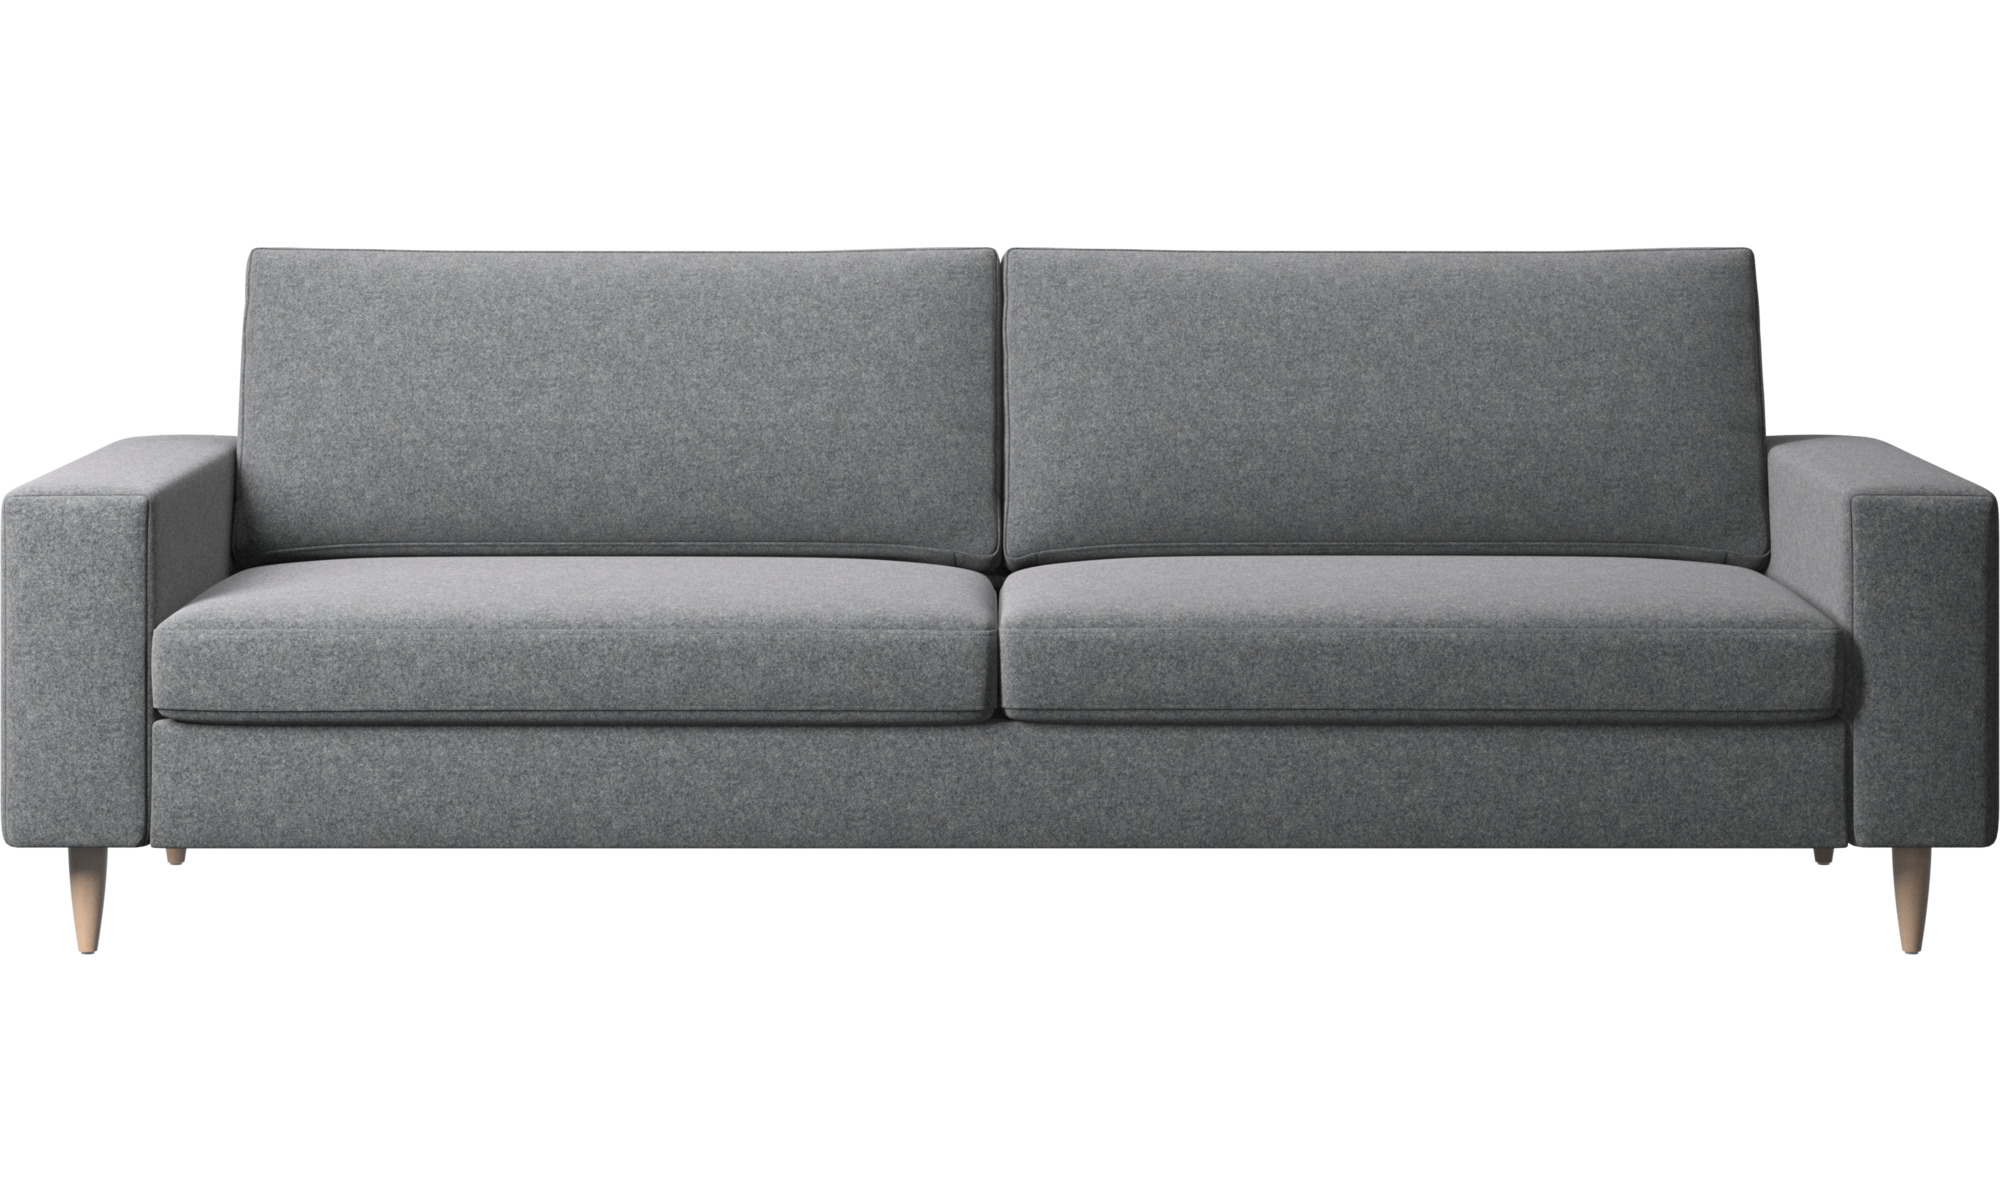 Full Size of Sofa Grau Stoff Chesterfield Reinigen Couch Grober Ikea Meliert 3 Sitzer Sofas Indivi Boconcept Brühl Landhausstil überzug Dreisitzer Reiniger Sofort Sofa Sofa Grau Stoff